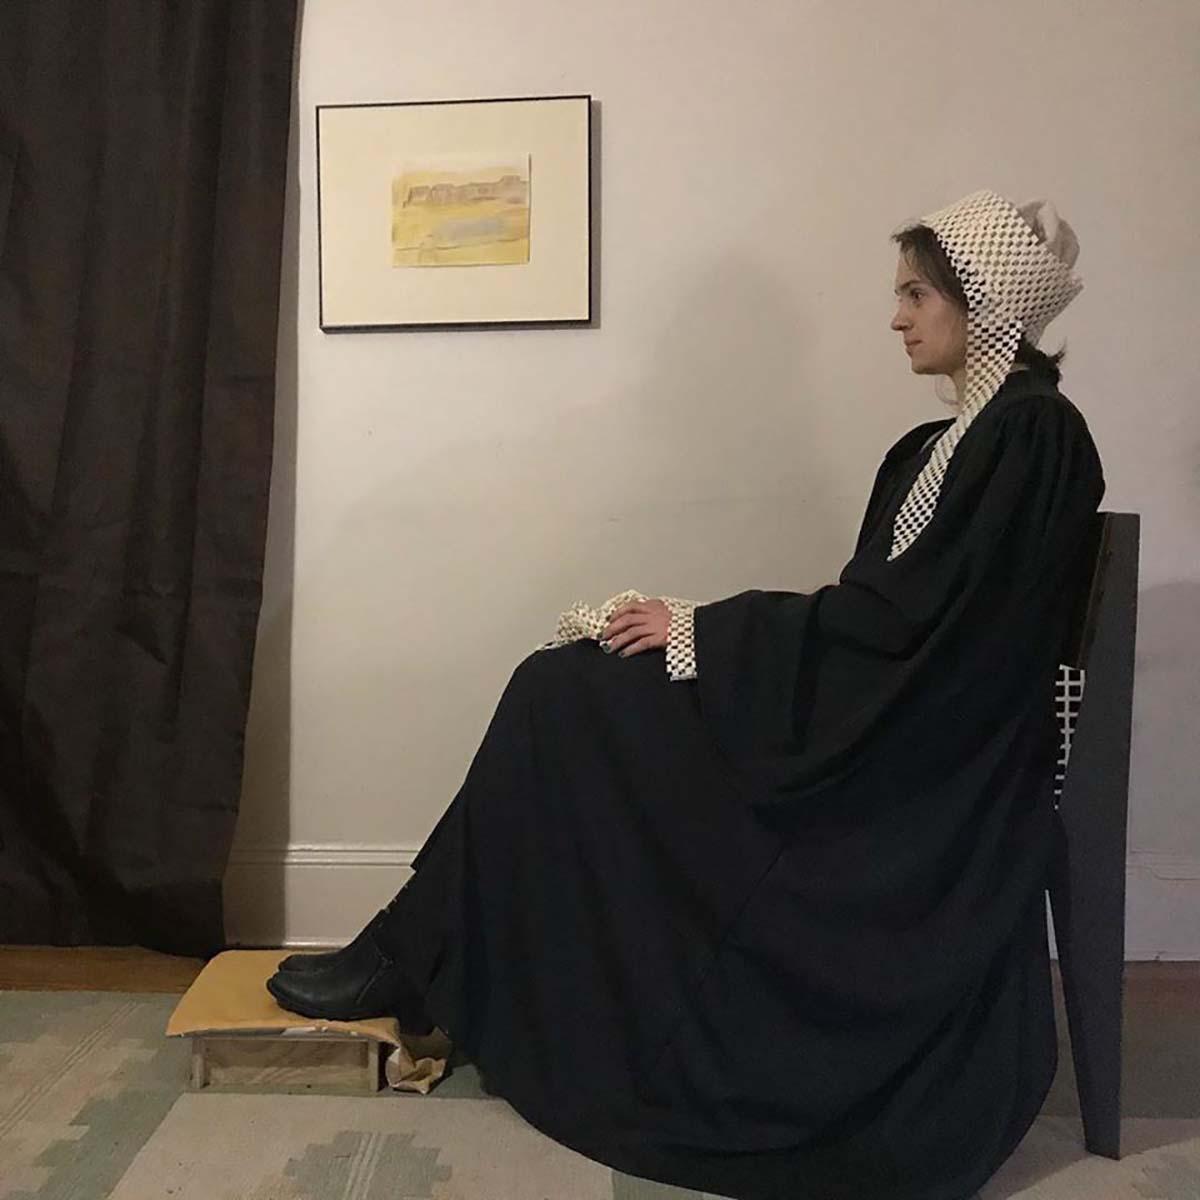 «Аранжировка в сером и черном, № 1: портрет матери» — наиболее известная картина американского художника Джеймса Уистлера.